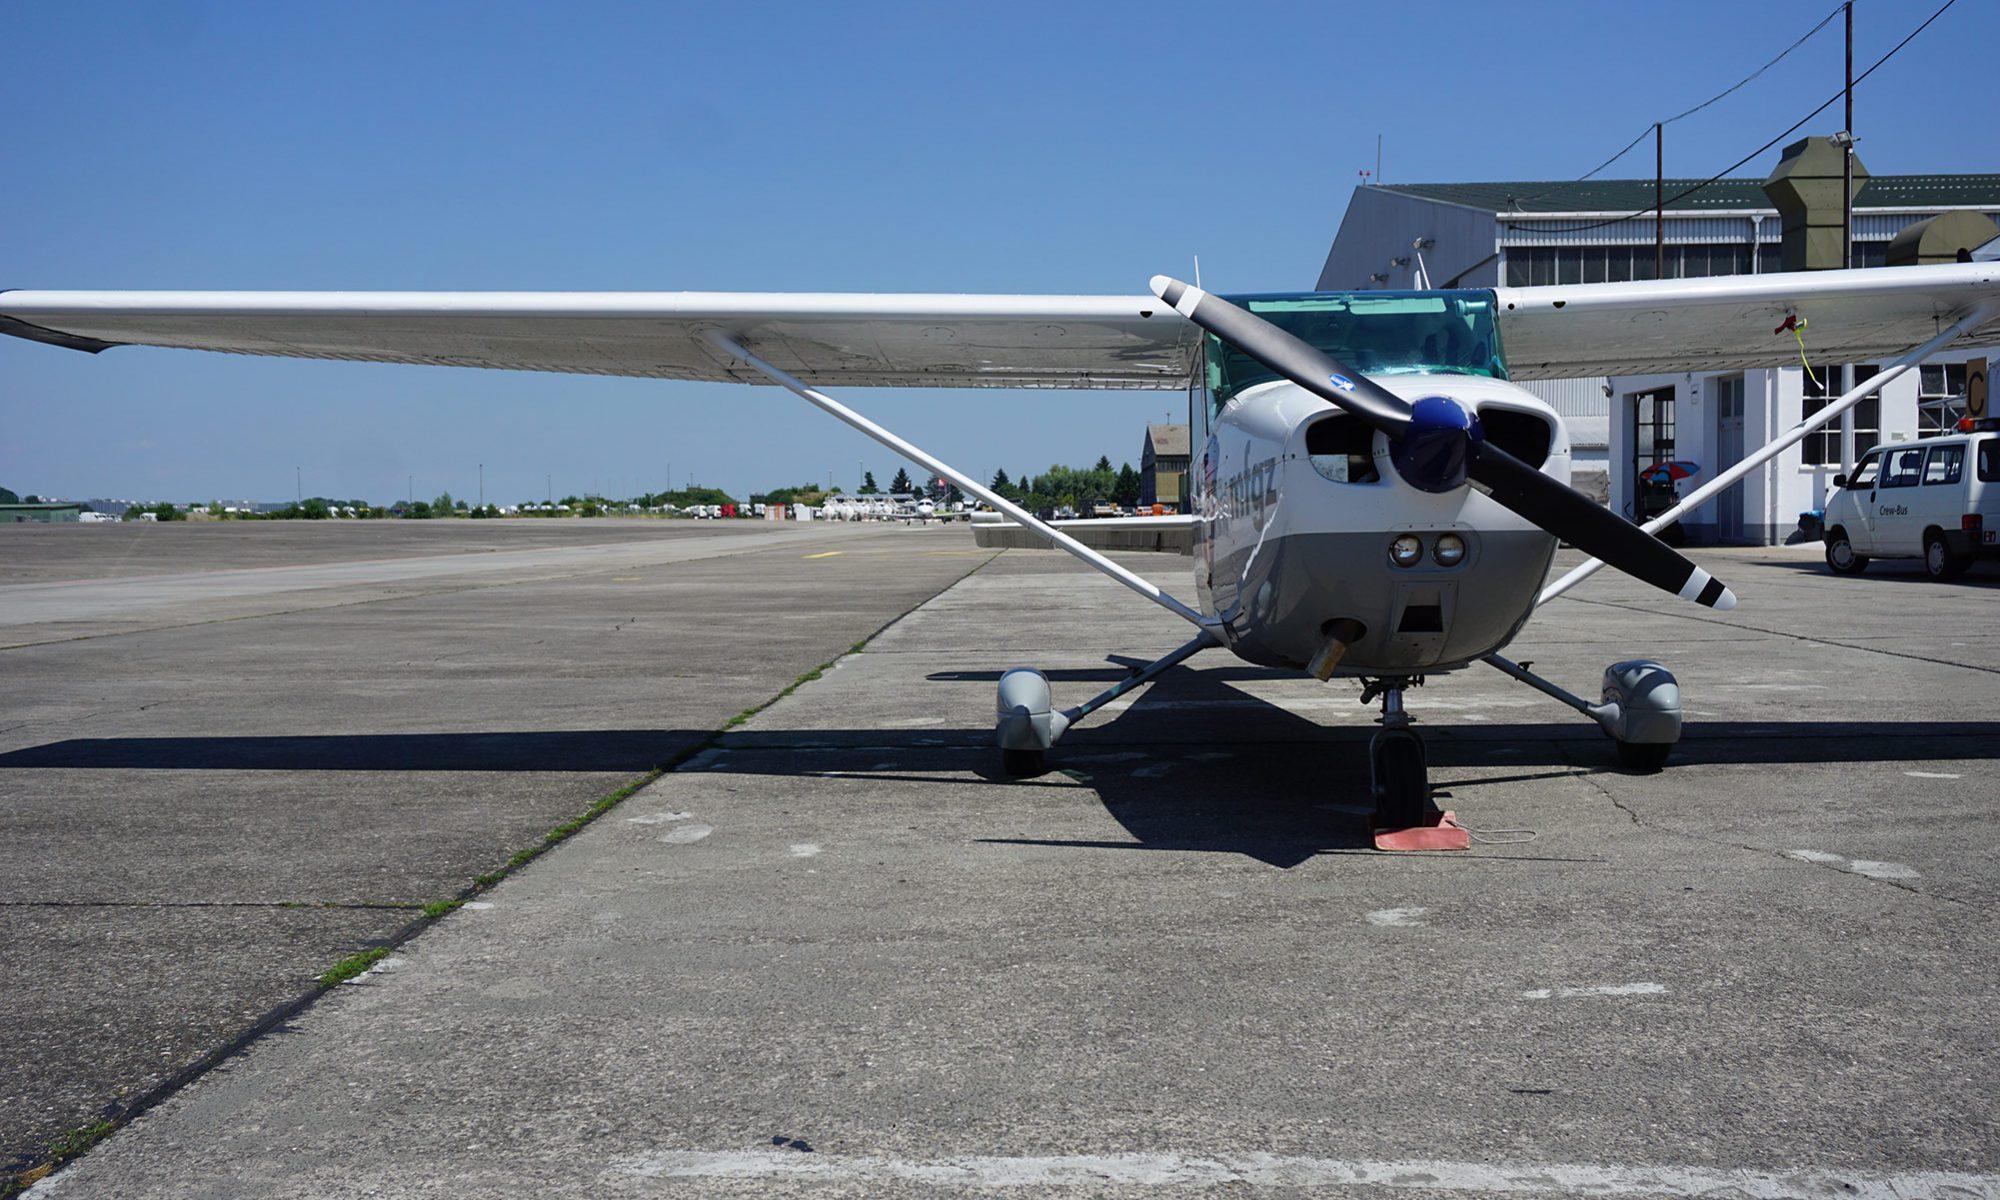 Bild von einem Flugzeug im Flughafen Lahr, erster Tag